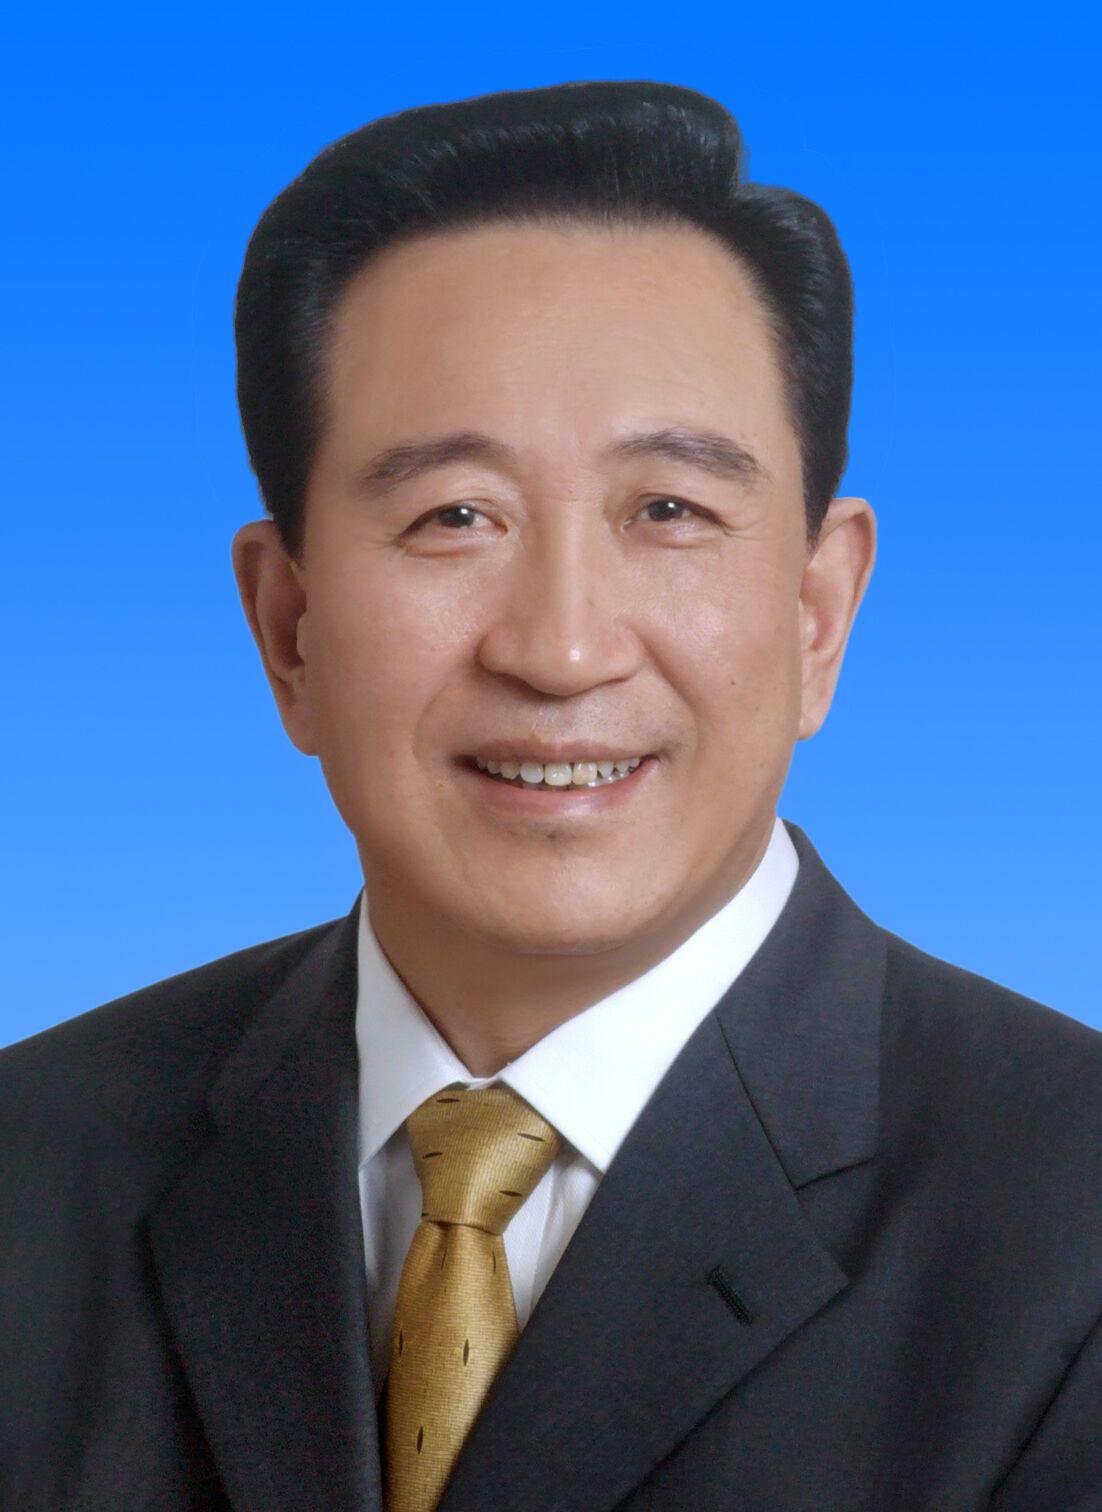 海南省人大常委会决定任命李富林为海南省人民政府副省长